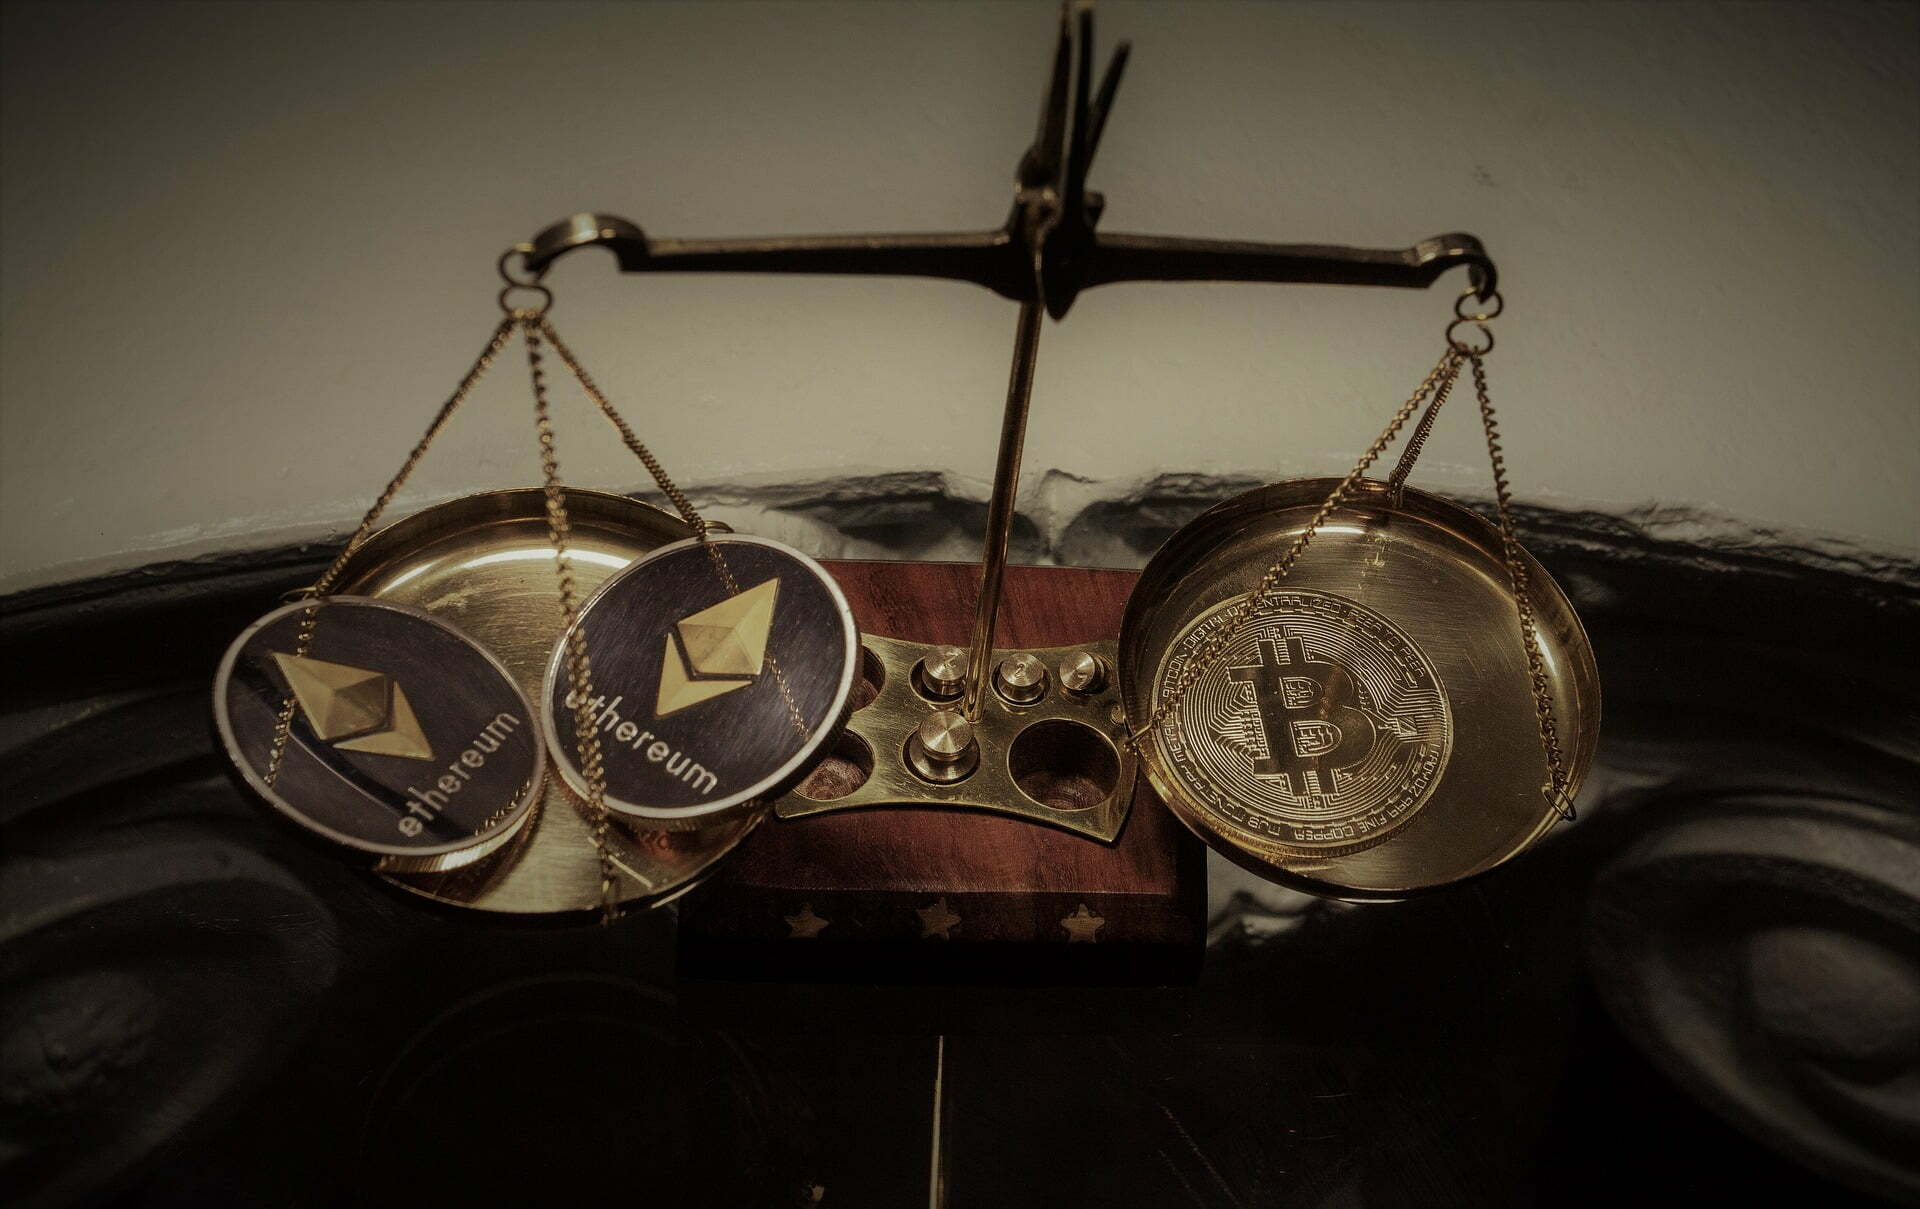 ethereum bitcoin novogratz kryptowaluty